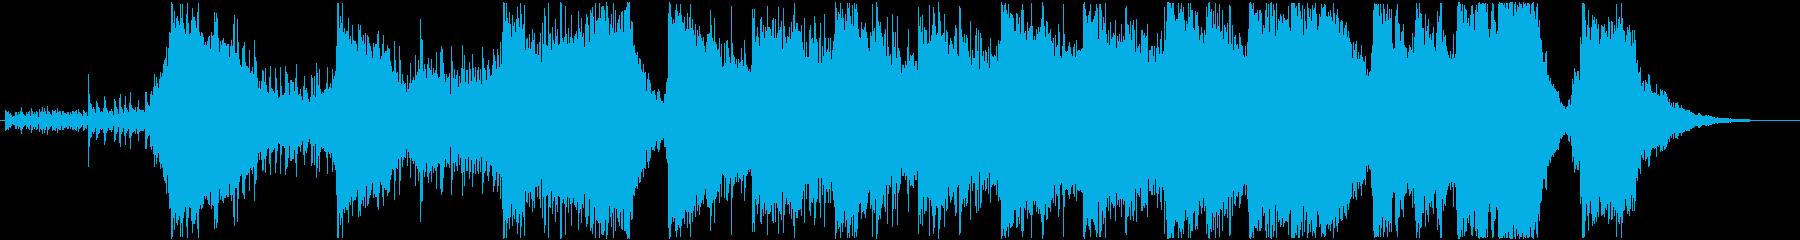 アクションハイブリッドトレイラー3の再生済みの波形